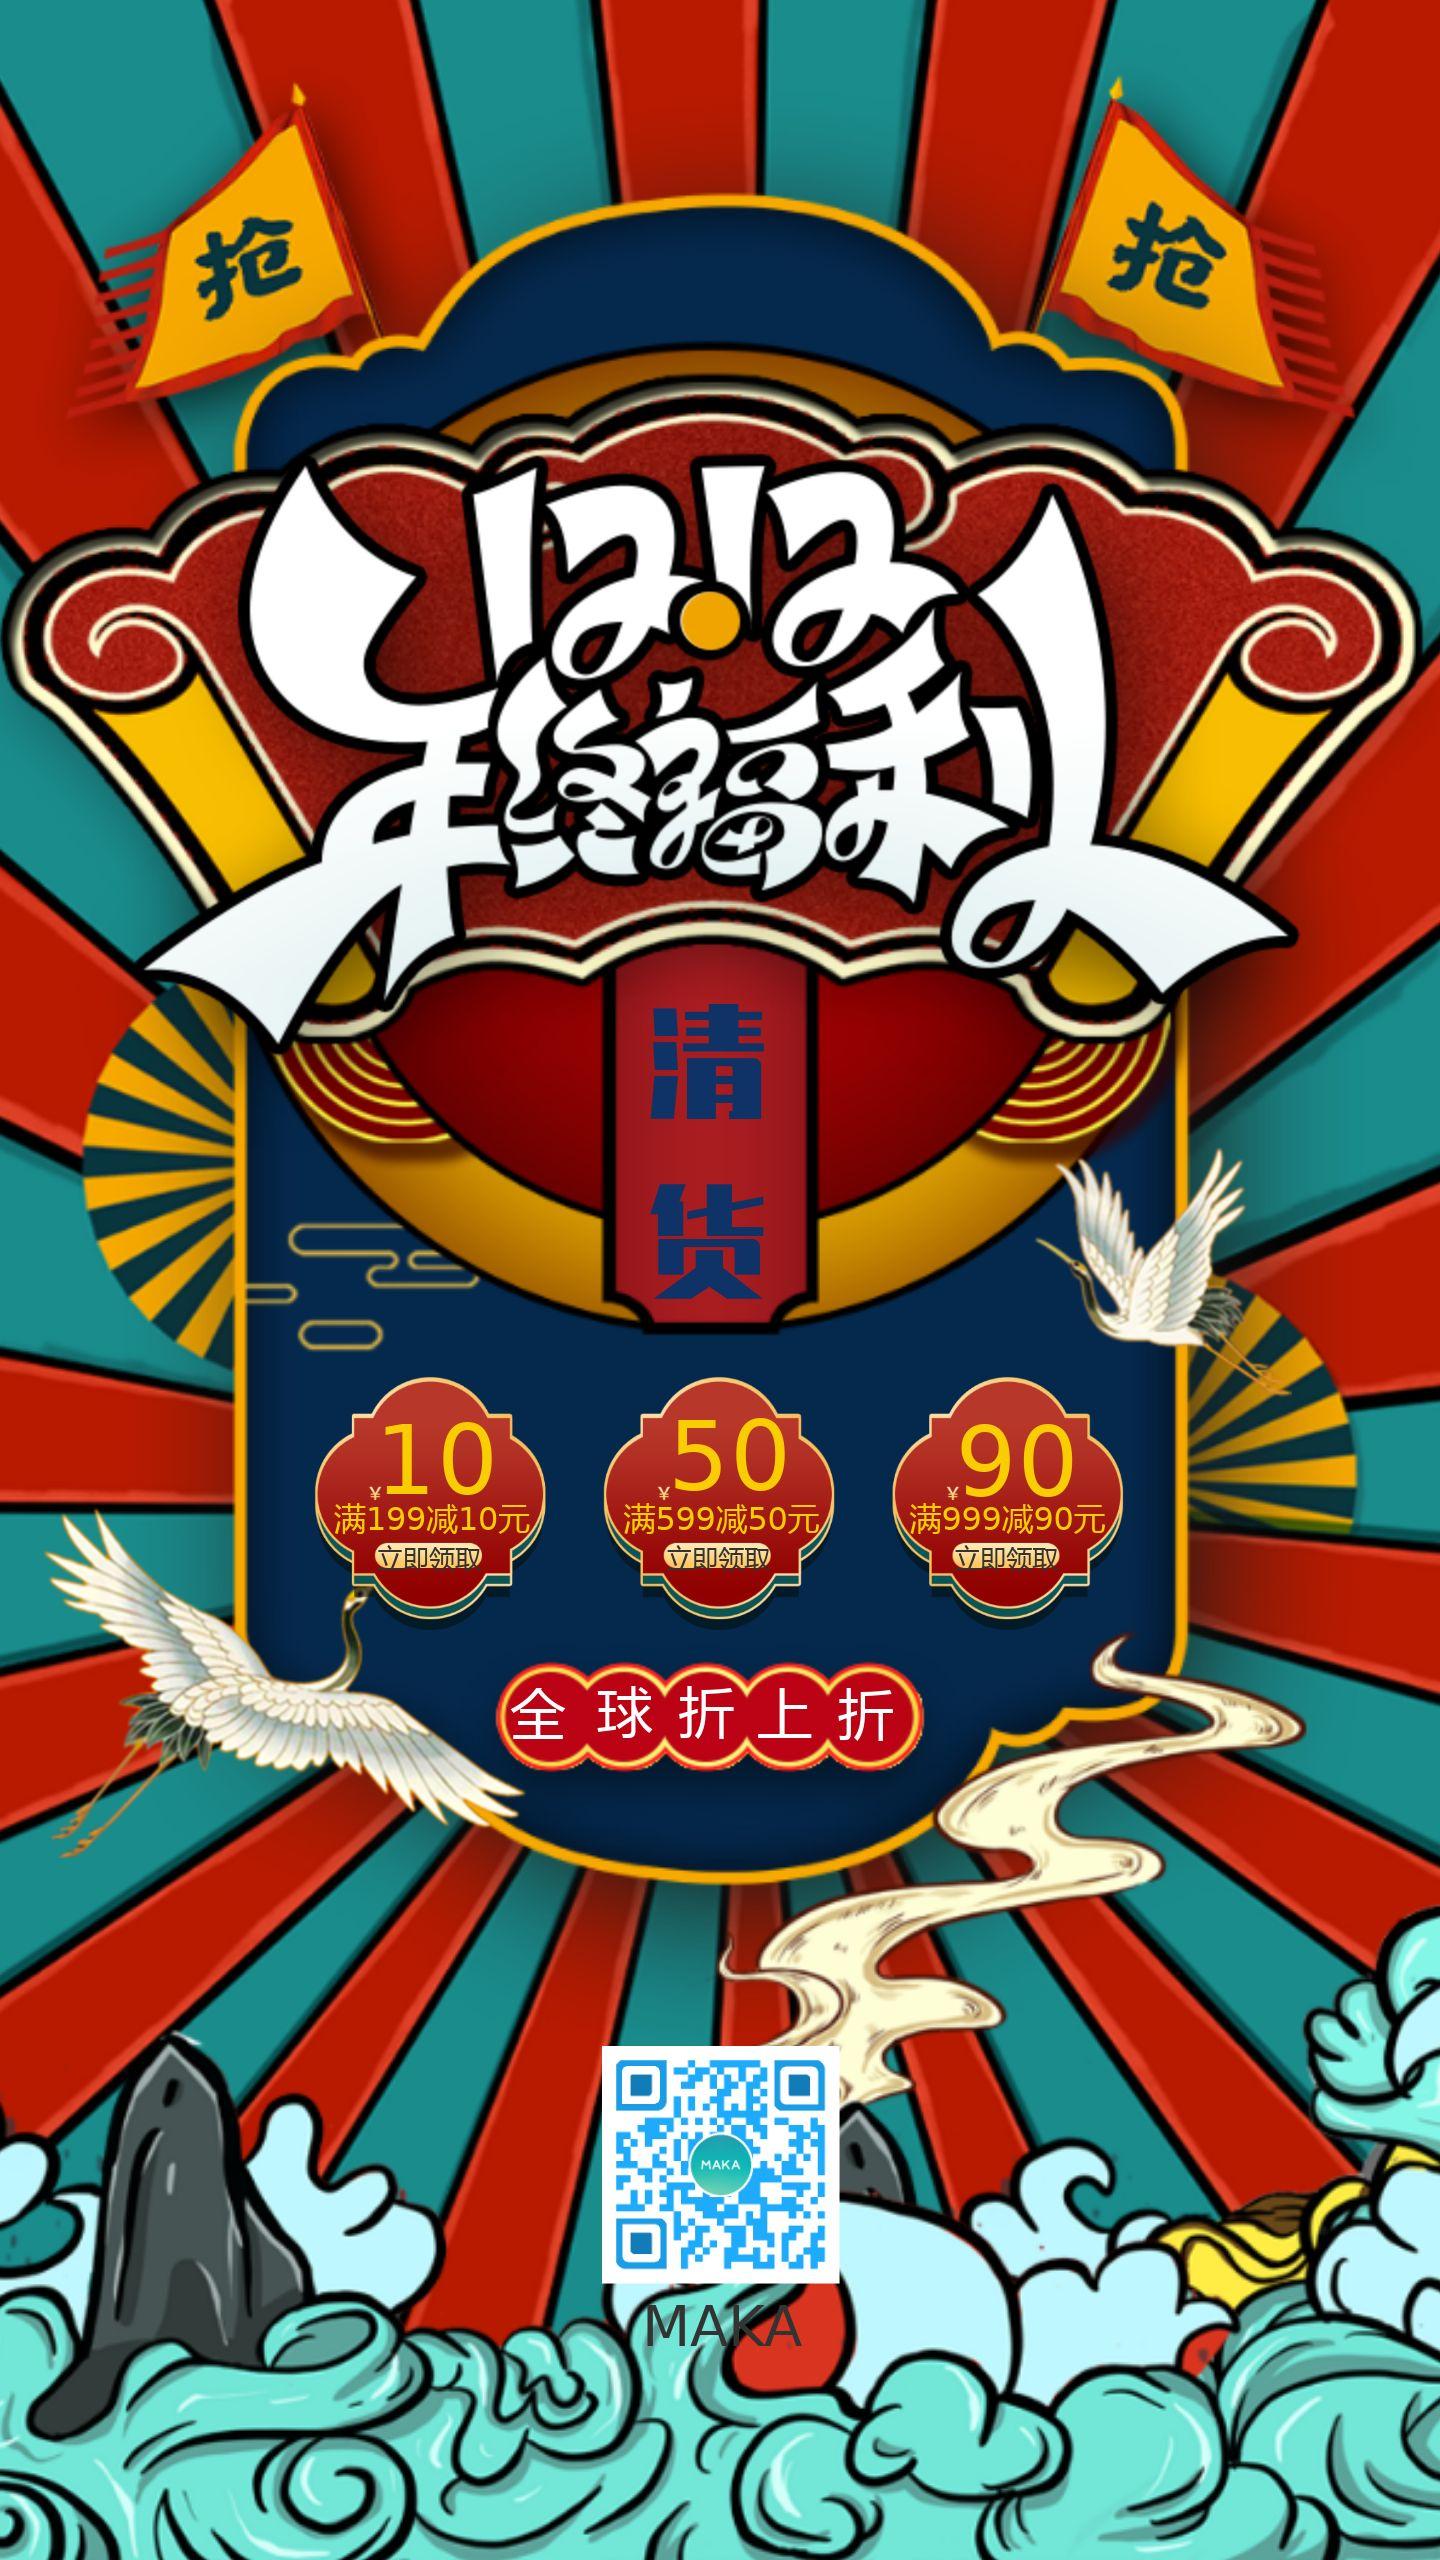 中国风双12年终福利创意海报